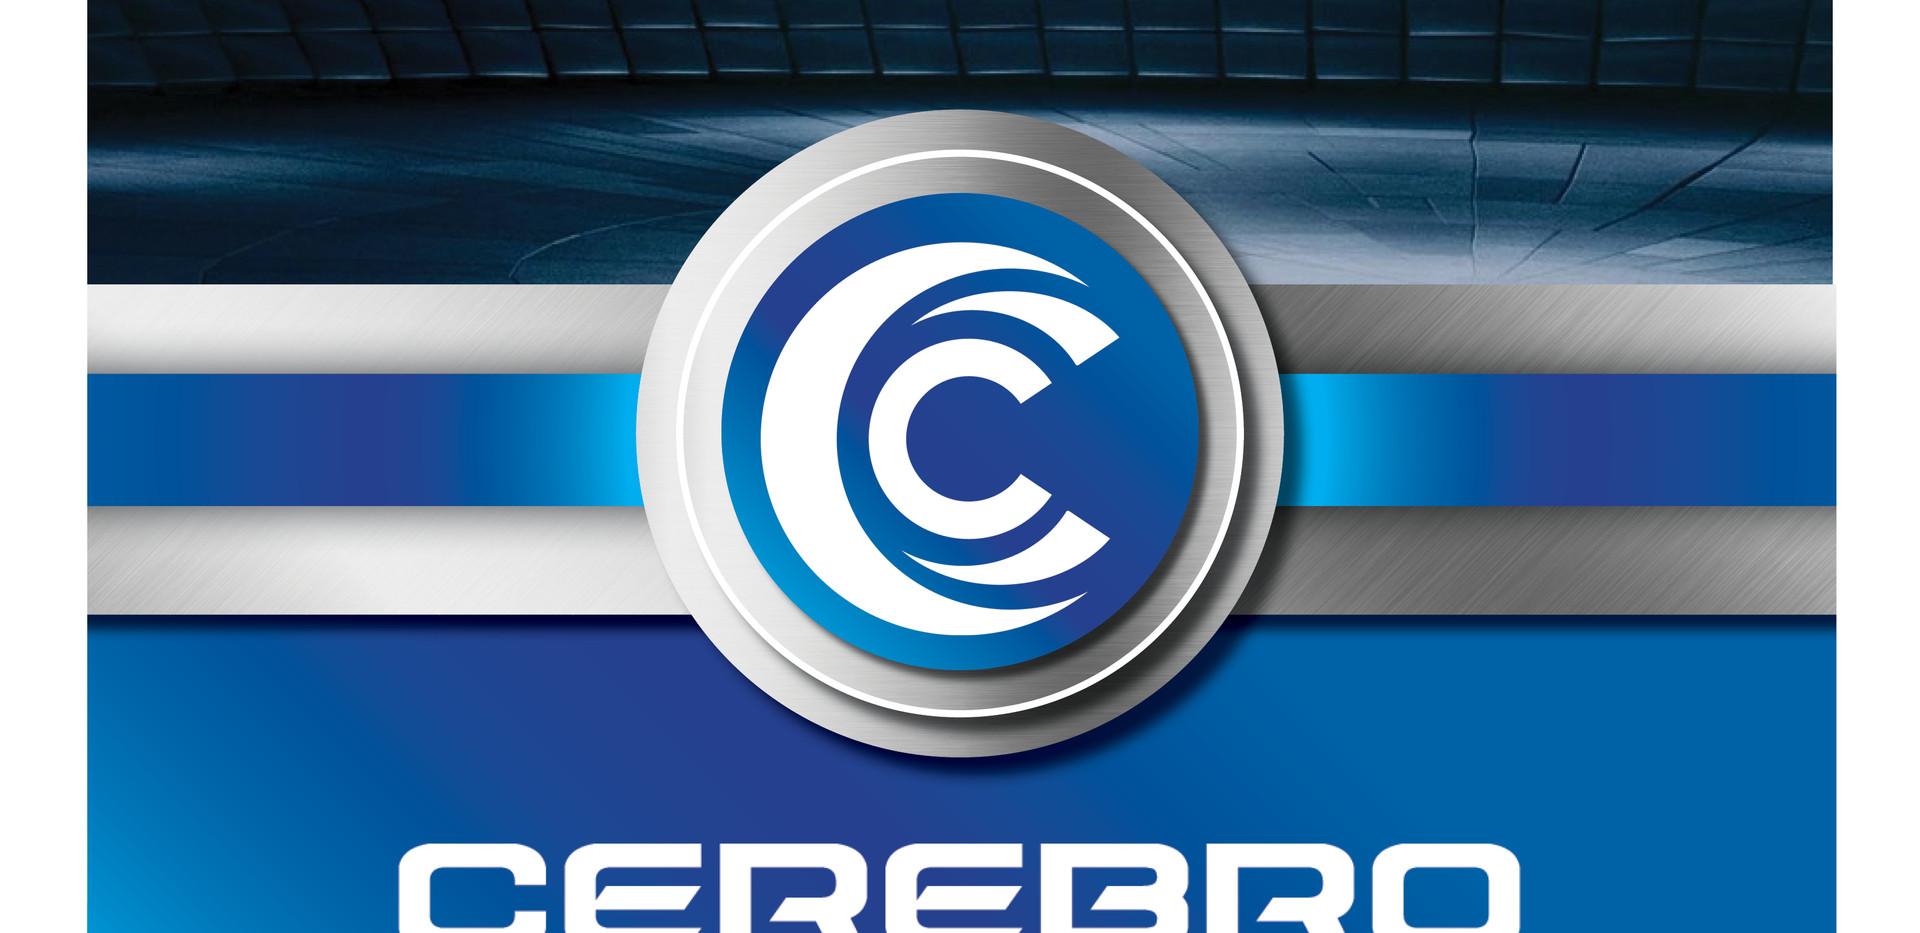 Cerebro_guide_cobaltblue.jpg